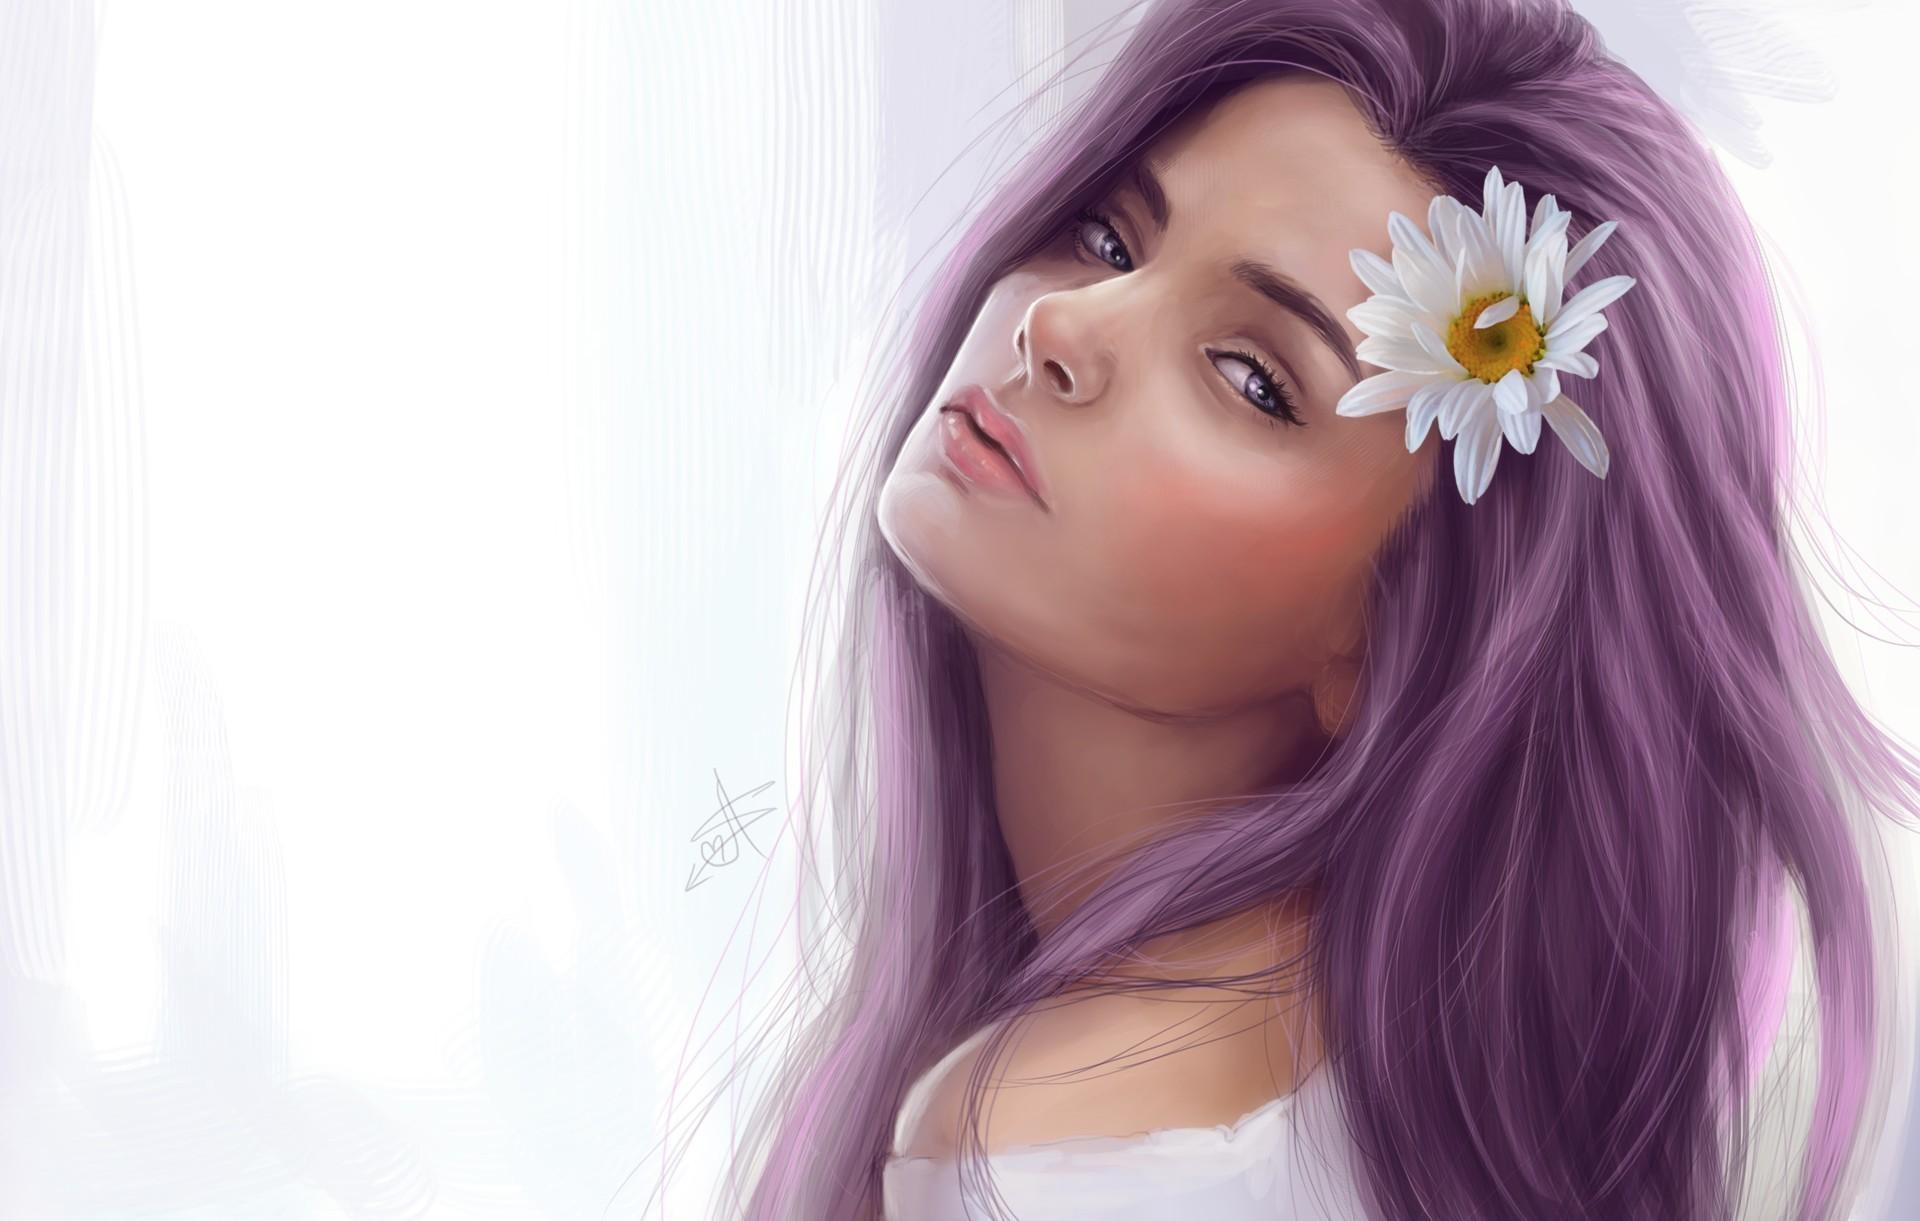 Красивые картинки с нарисованными девочками на обои